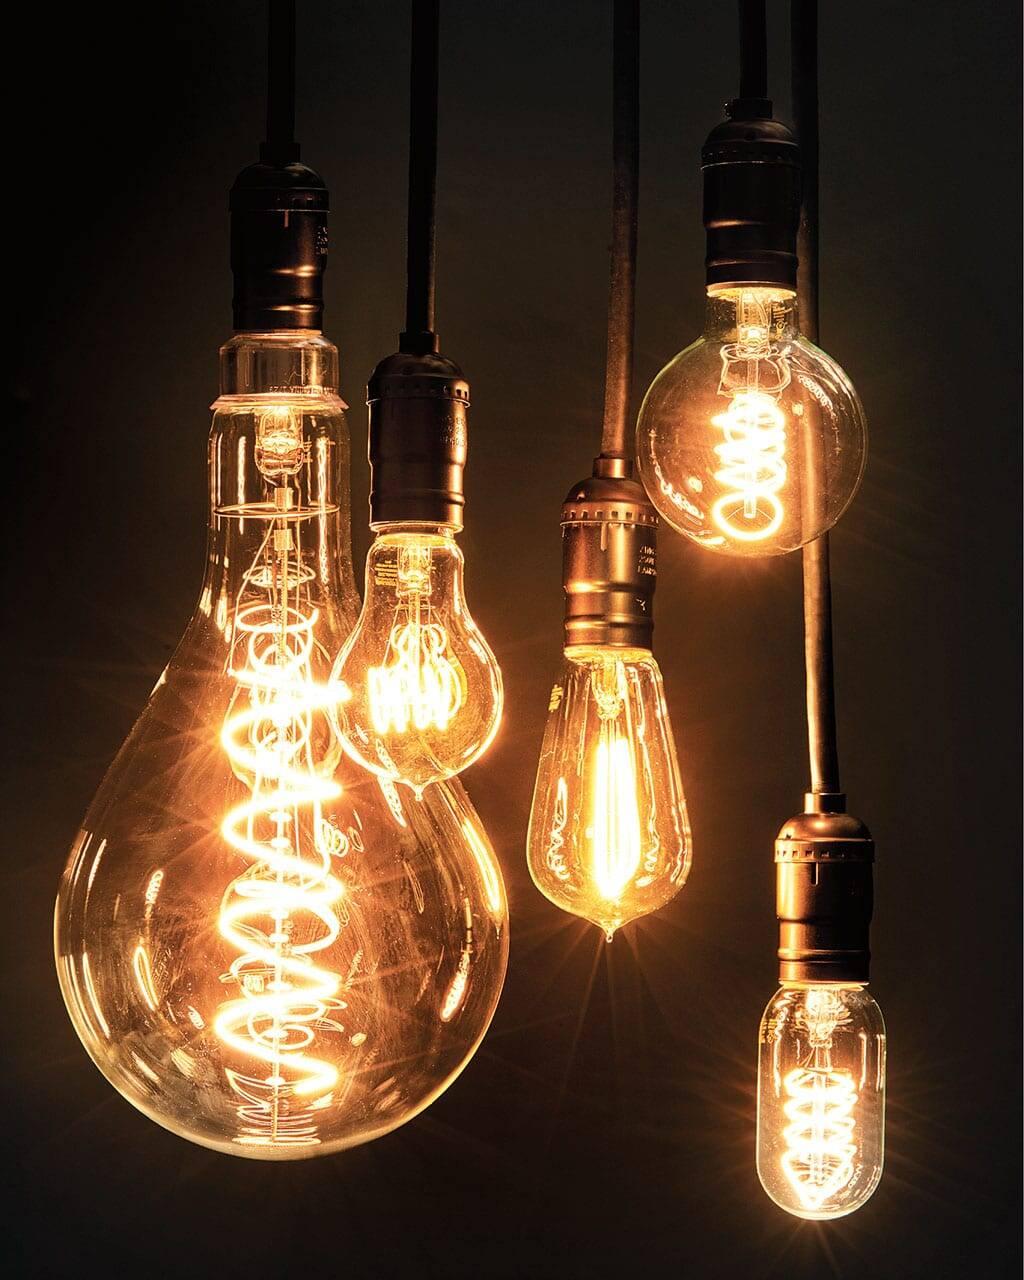 LED大功率强光手电筒灯珠烧掉的主要原因有哪些?